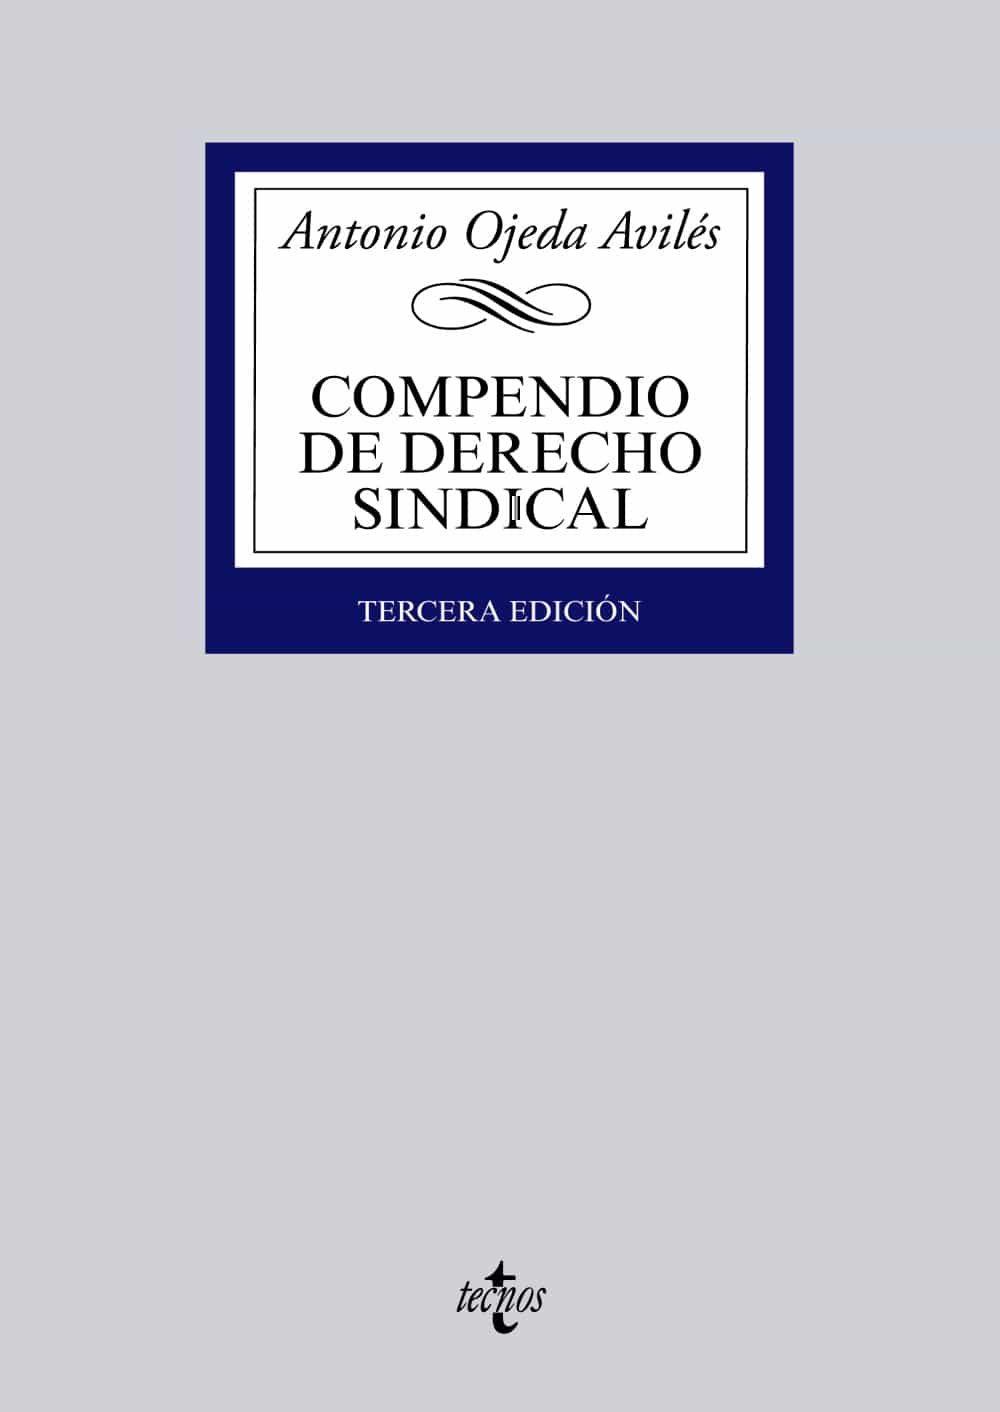 compendio de derecho sindical-antonio ojeda aviles-9788430961641